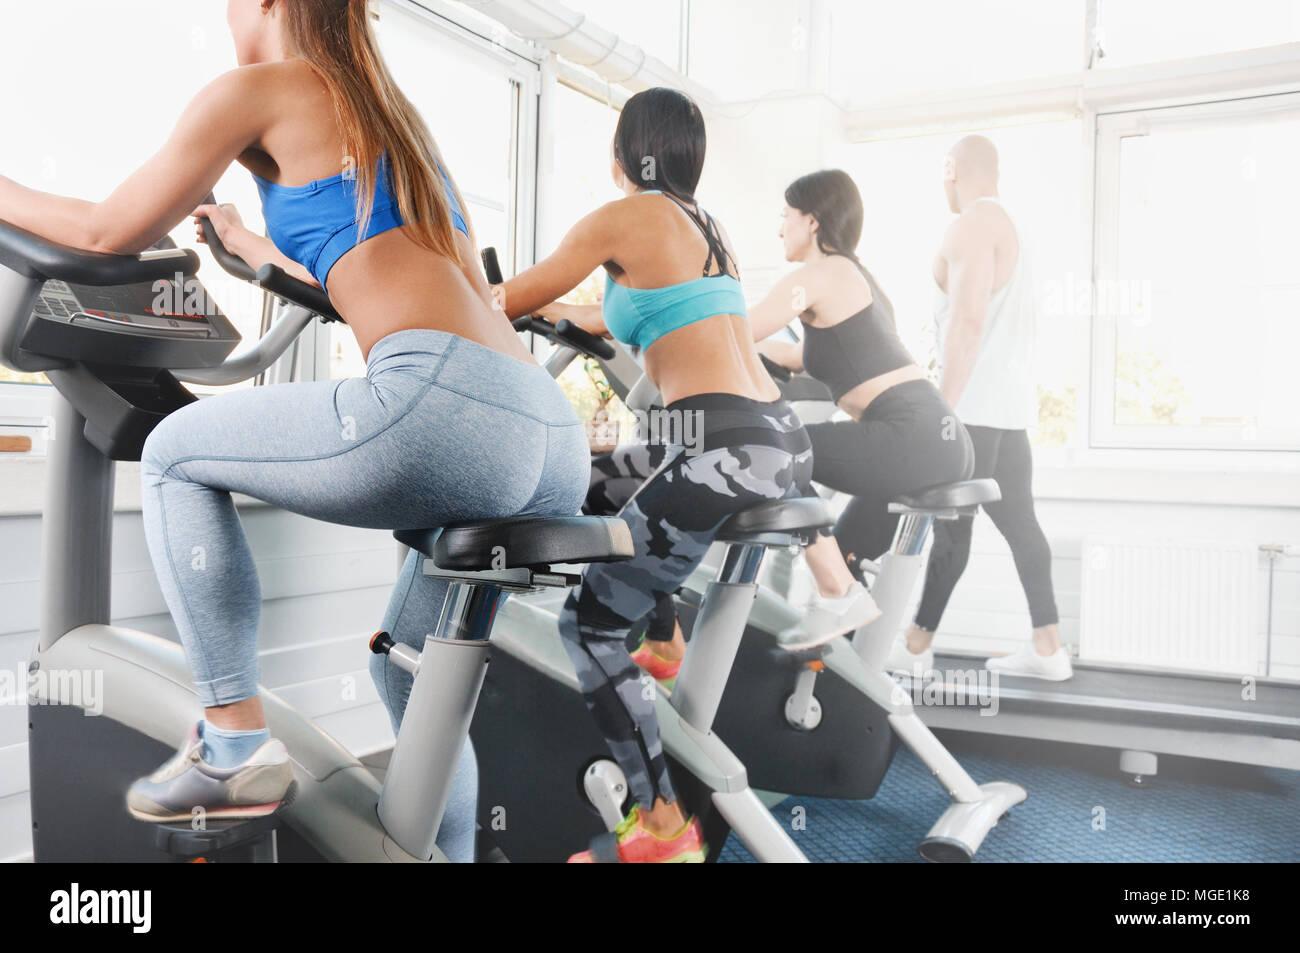 Un gruppo di quattro persone in palestra, esercitando le loro gambe facendo cardio-training. Idoneità delle giovani donne e un uomo su palestra bike Foto Stock